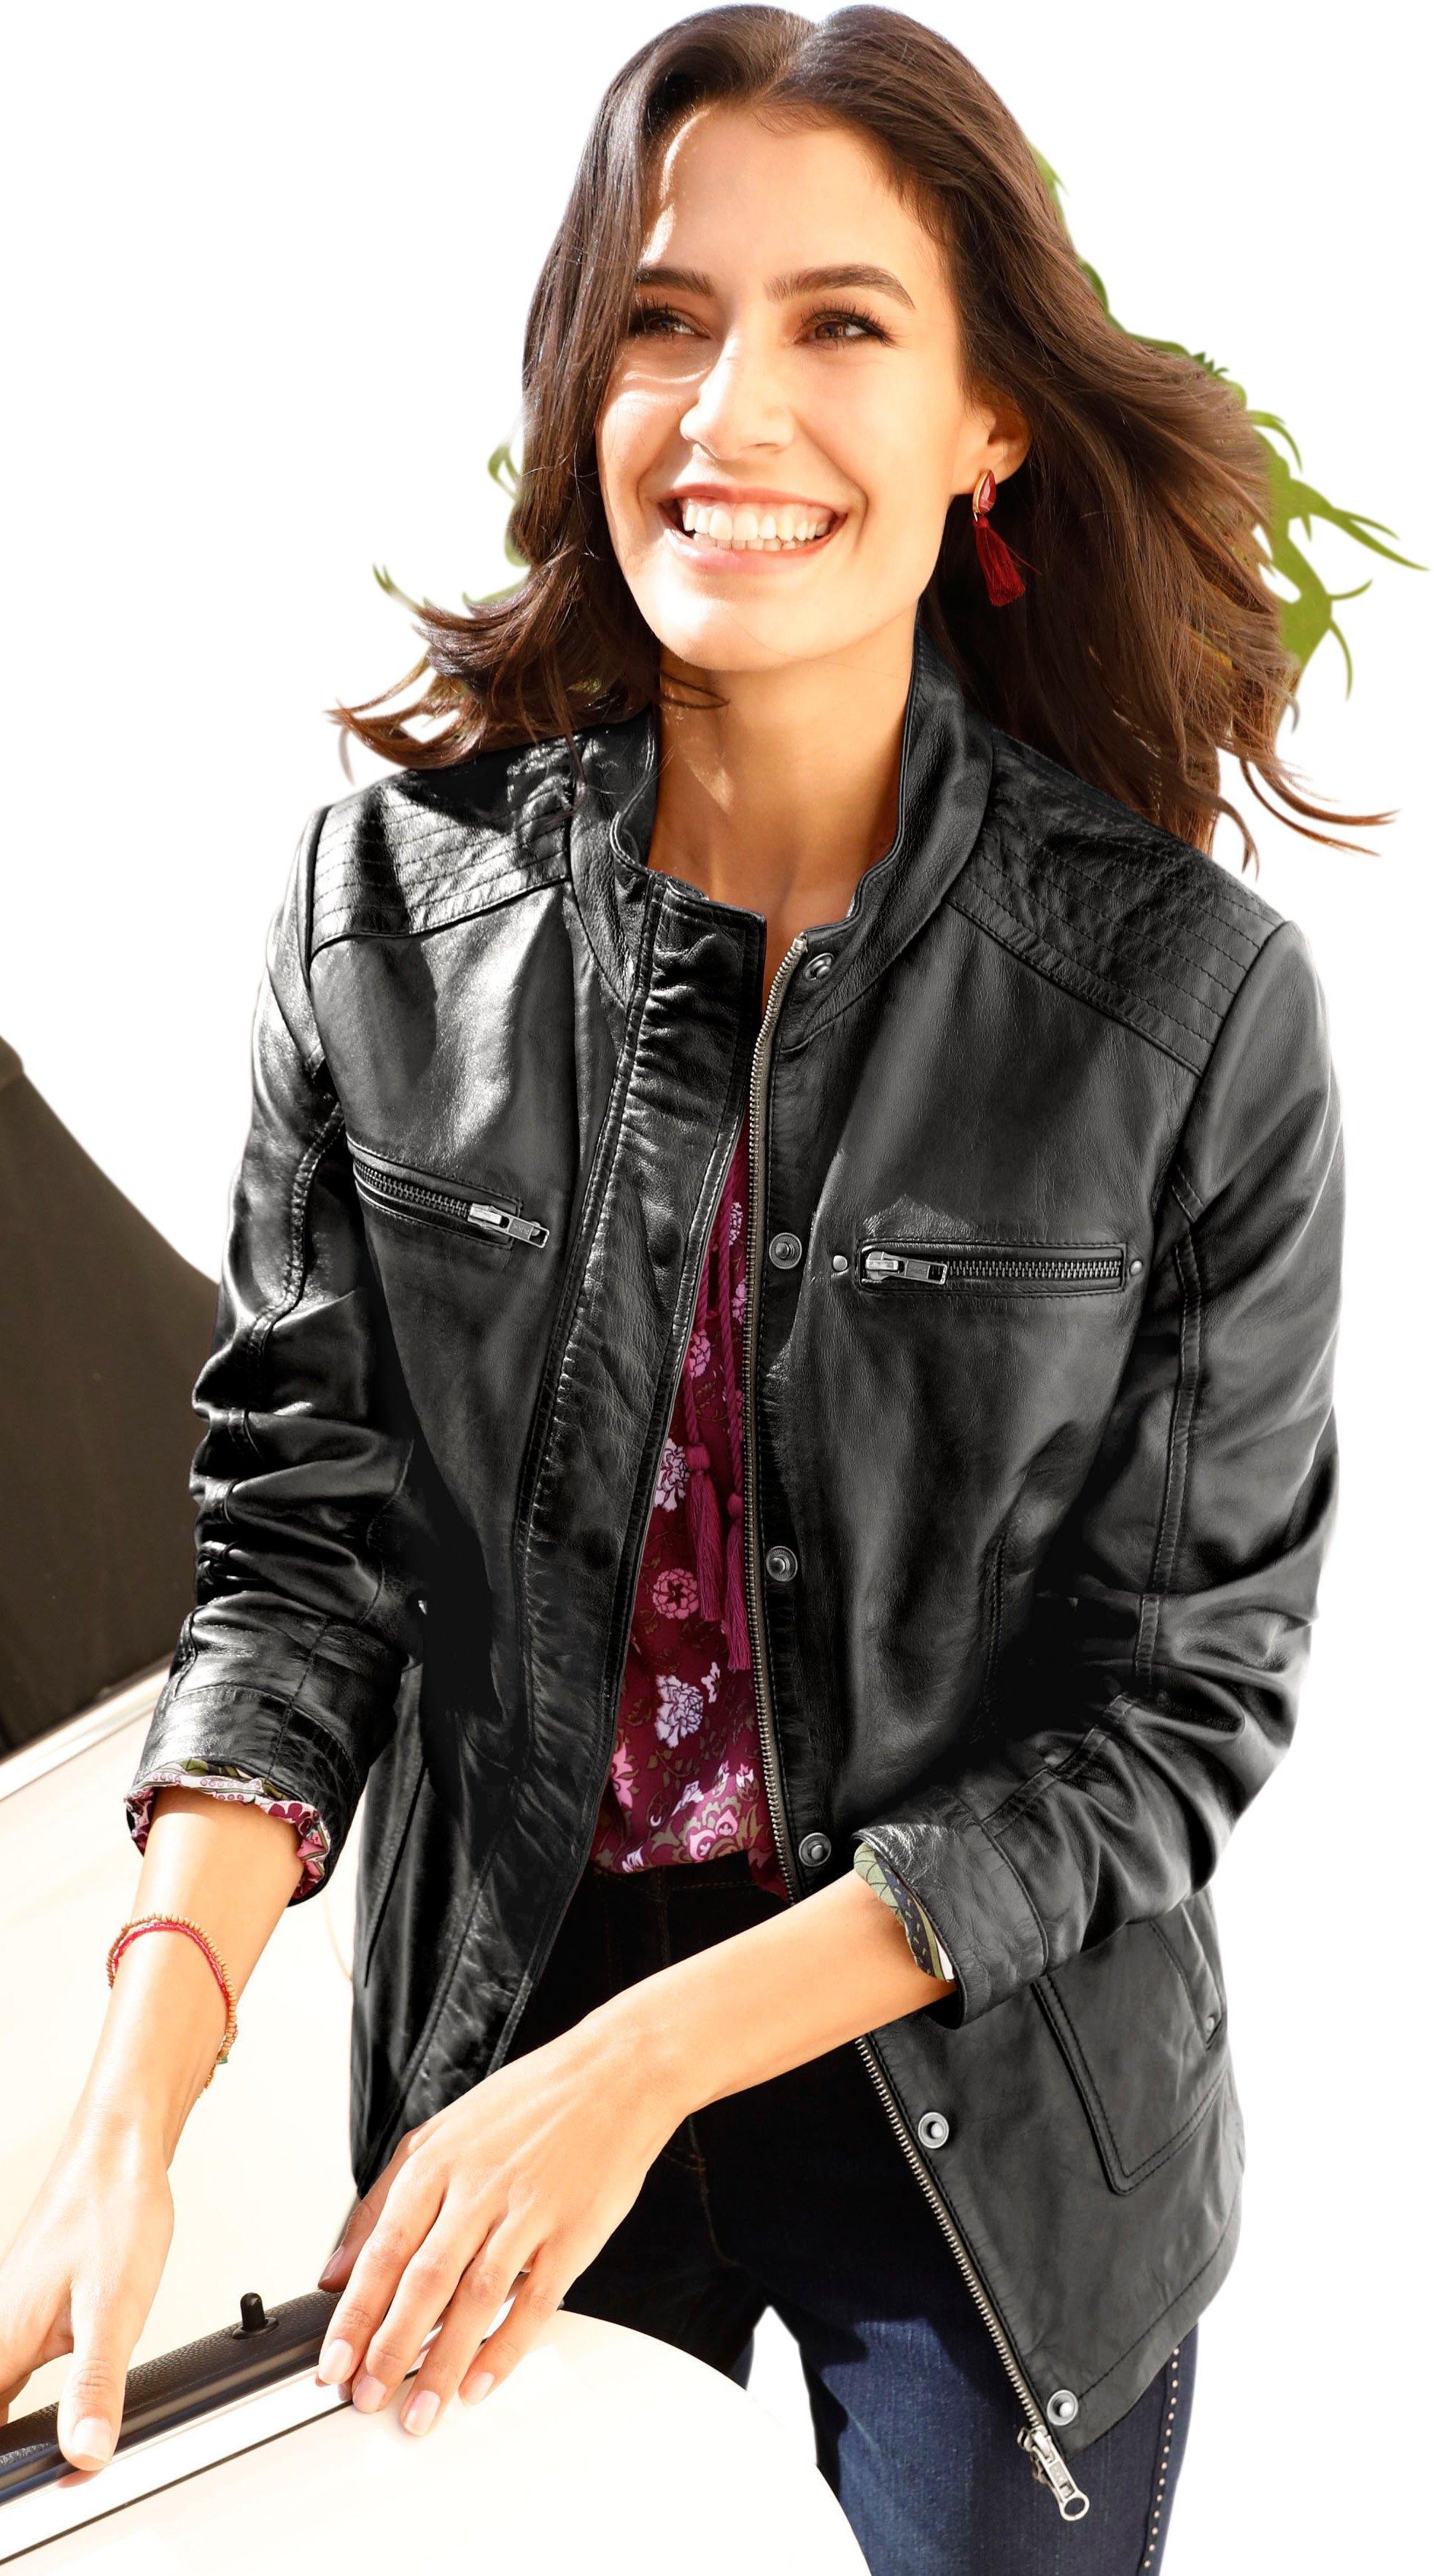 Classic Inspirationen Mainpol leren jasje in trendy used-look goedkoop op otto.nl kopen